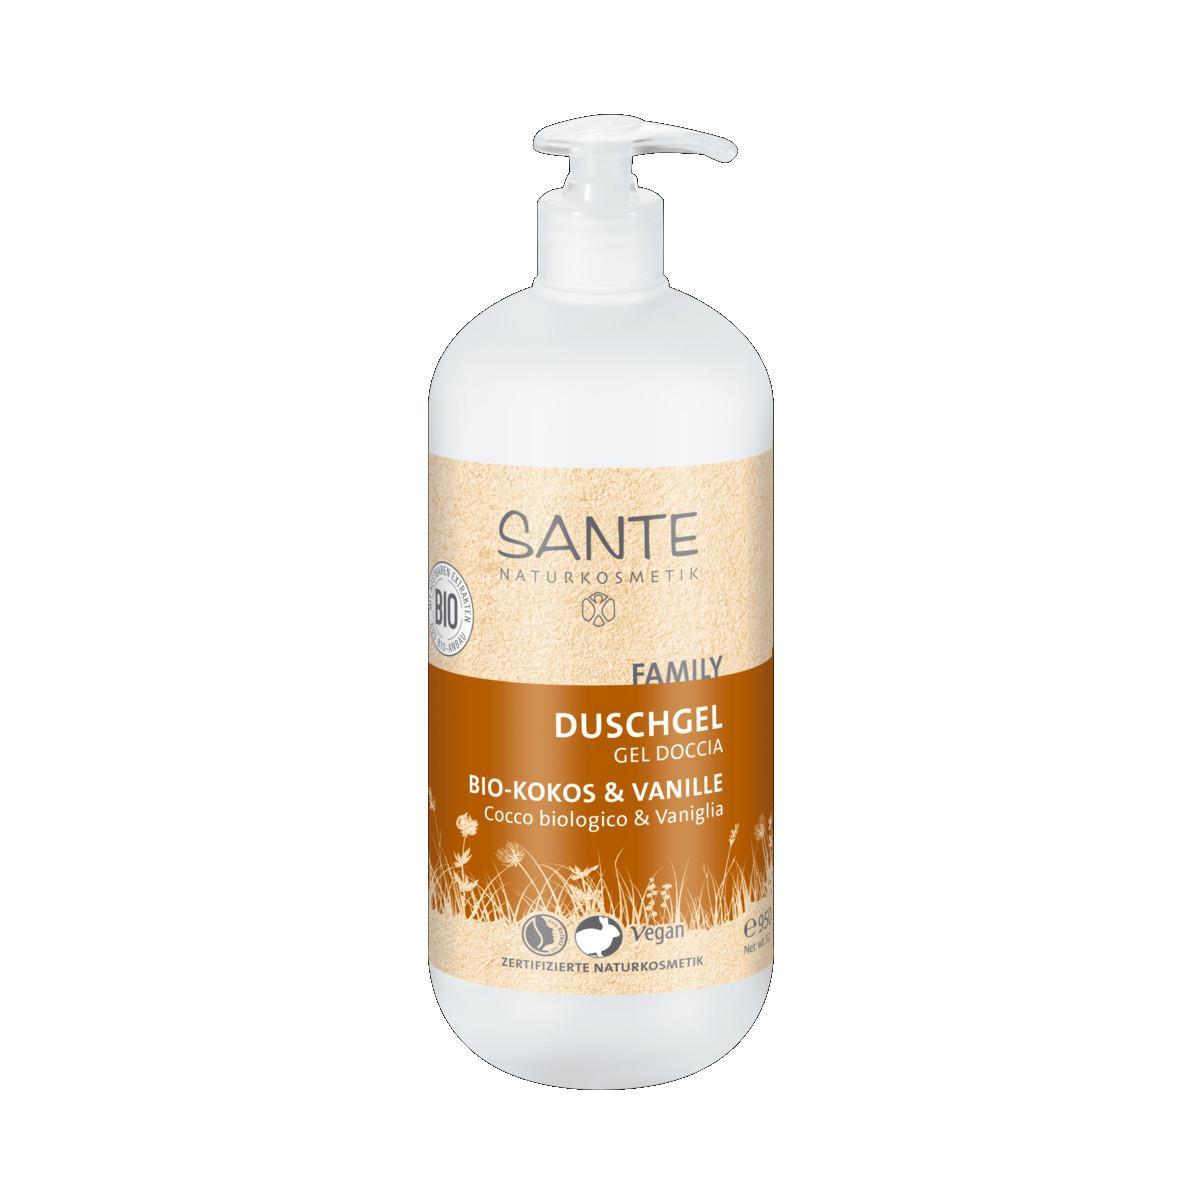 SANTE Sprchový gel bio kokos a vanilka, Family 950 ml